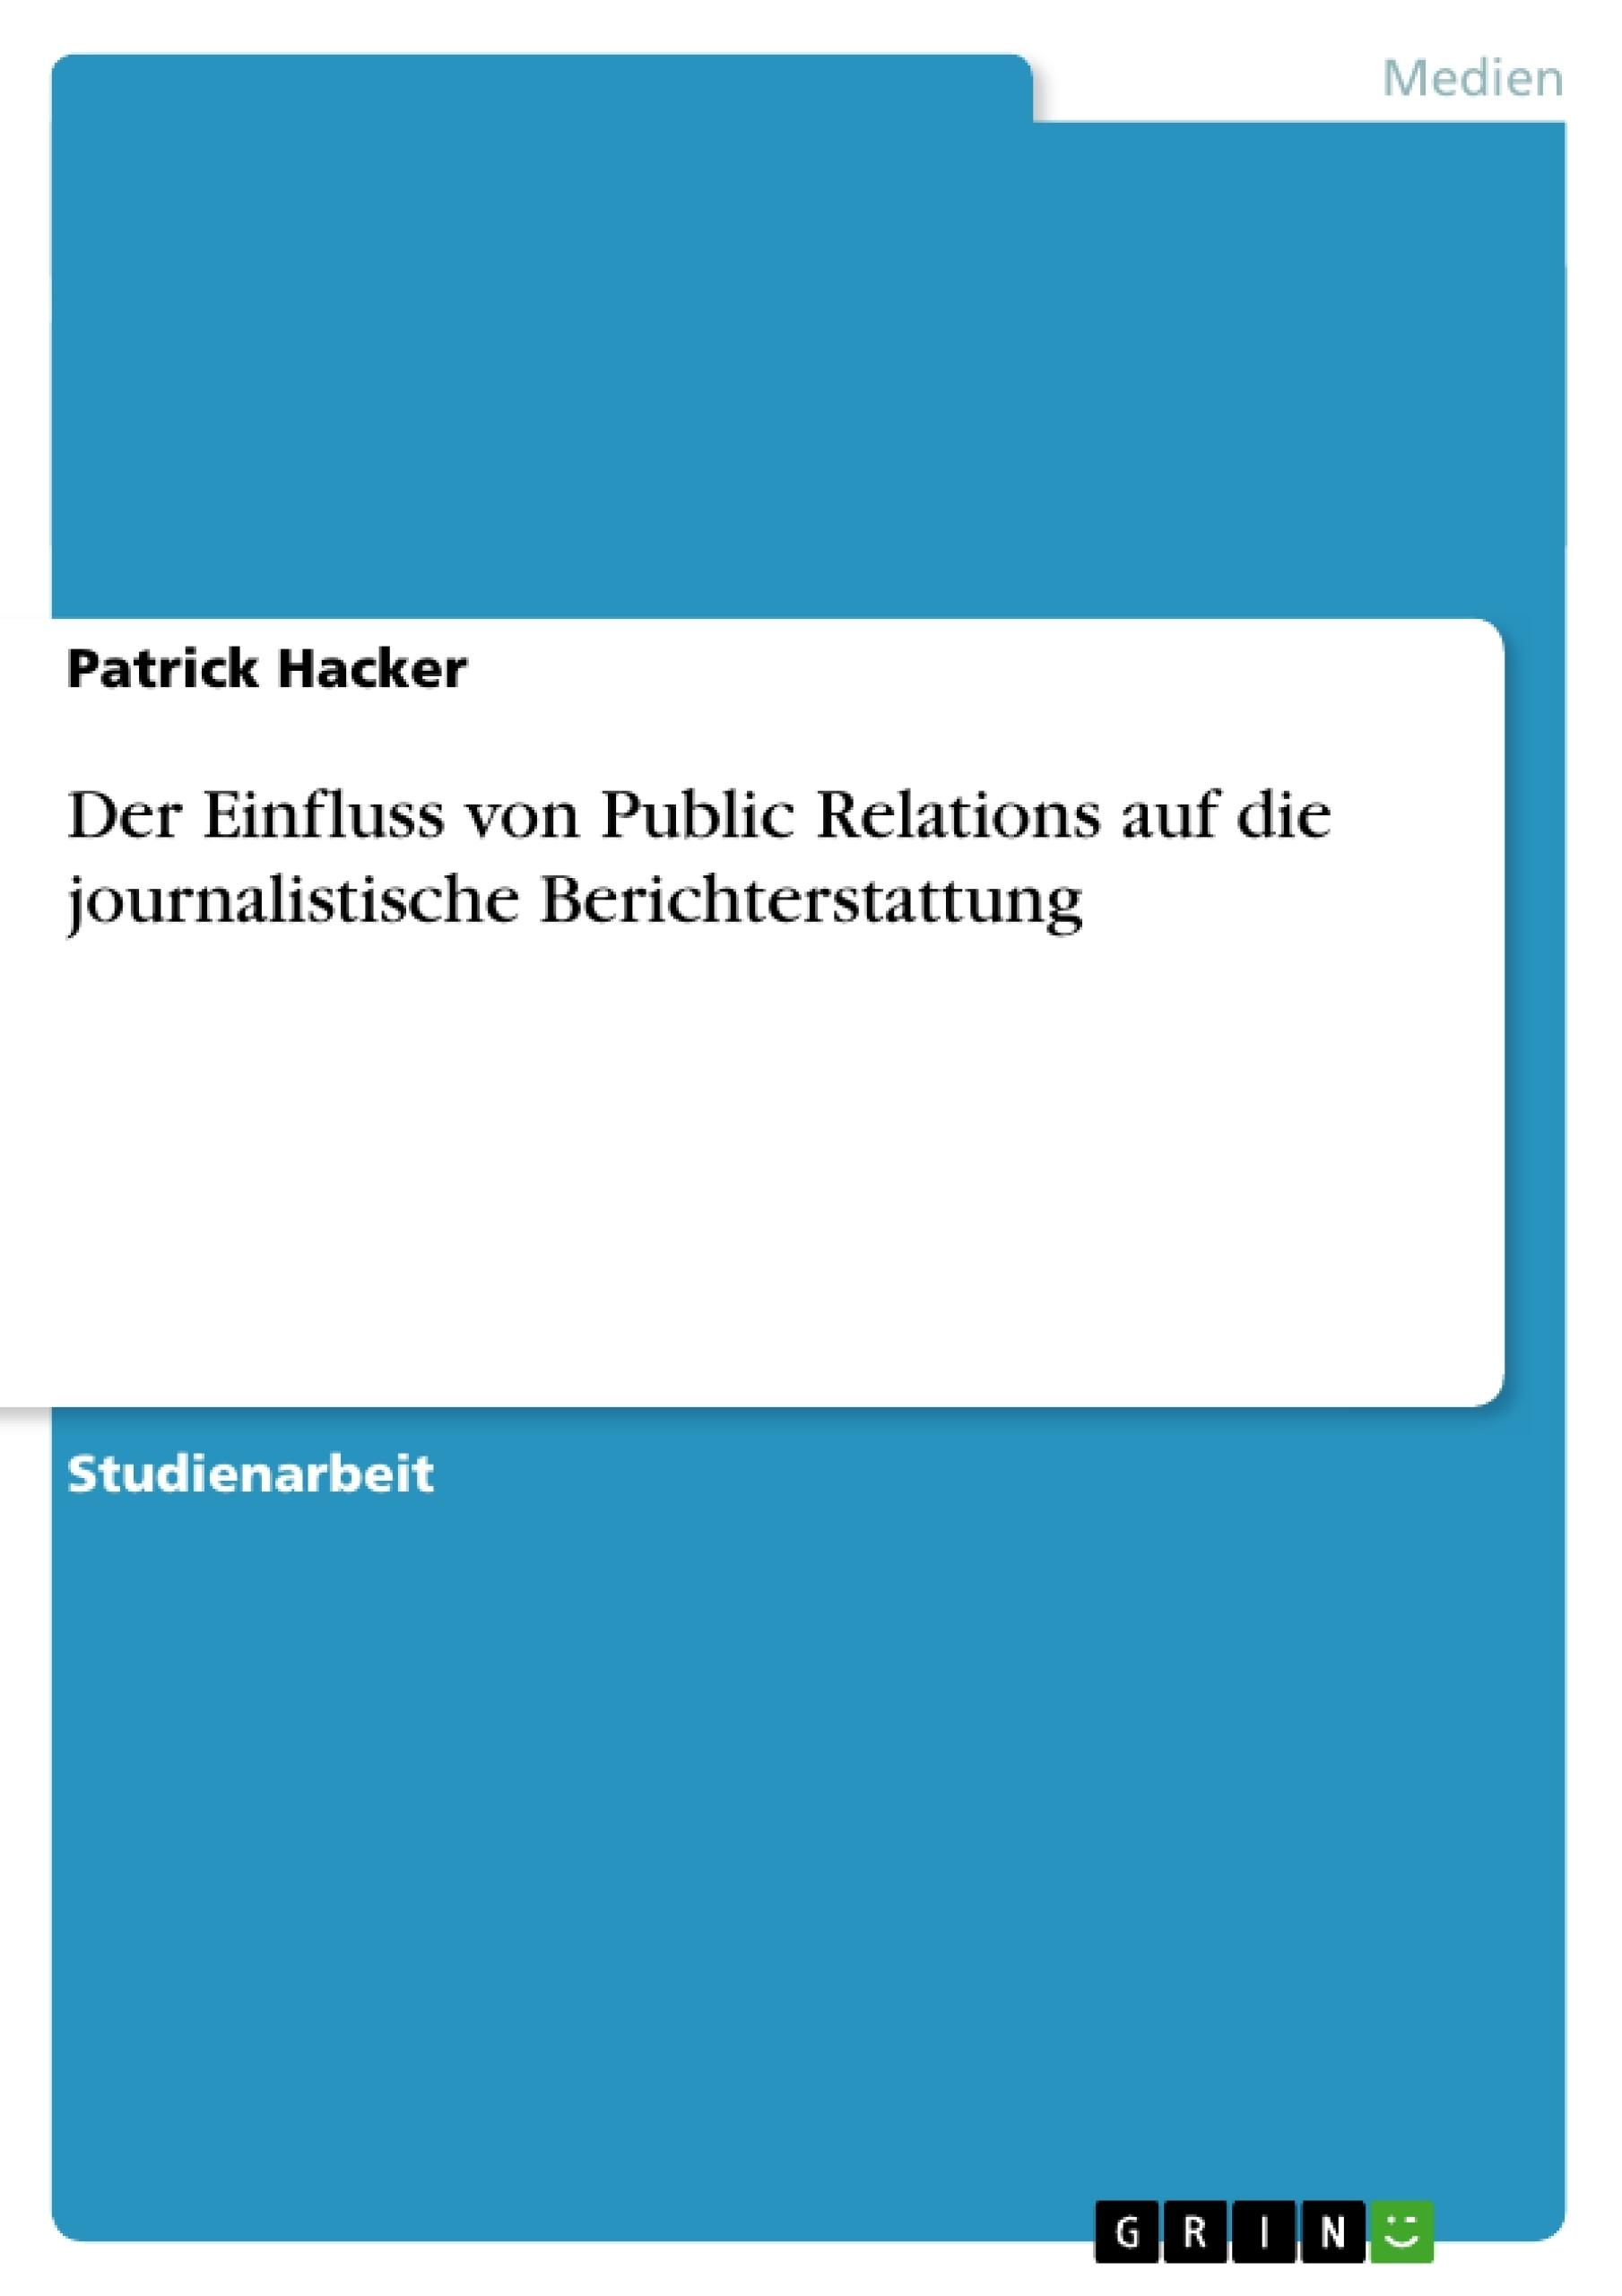 Titel: Der Einfluss von Public Relations auf die journalistische Berichterstattung